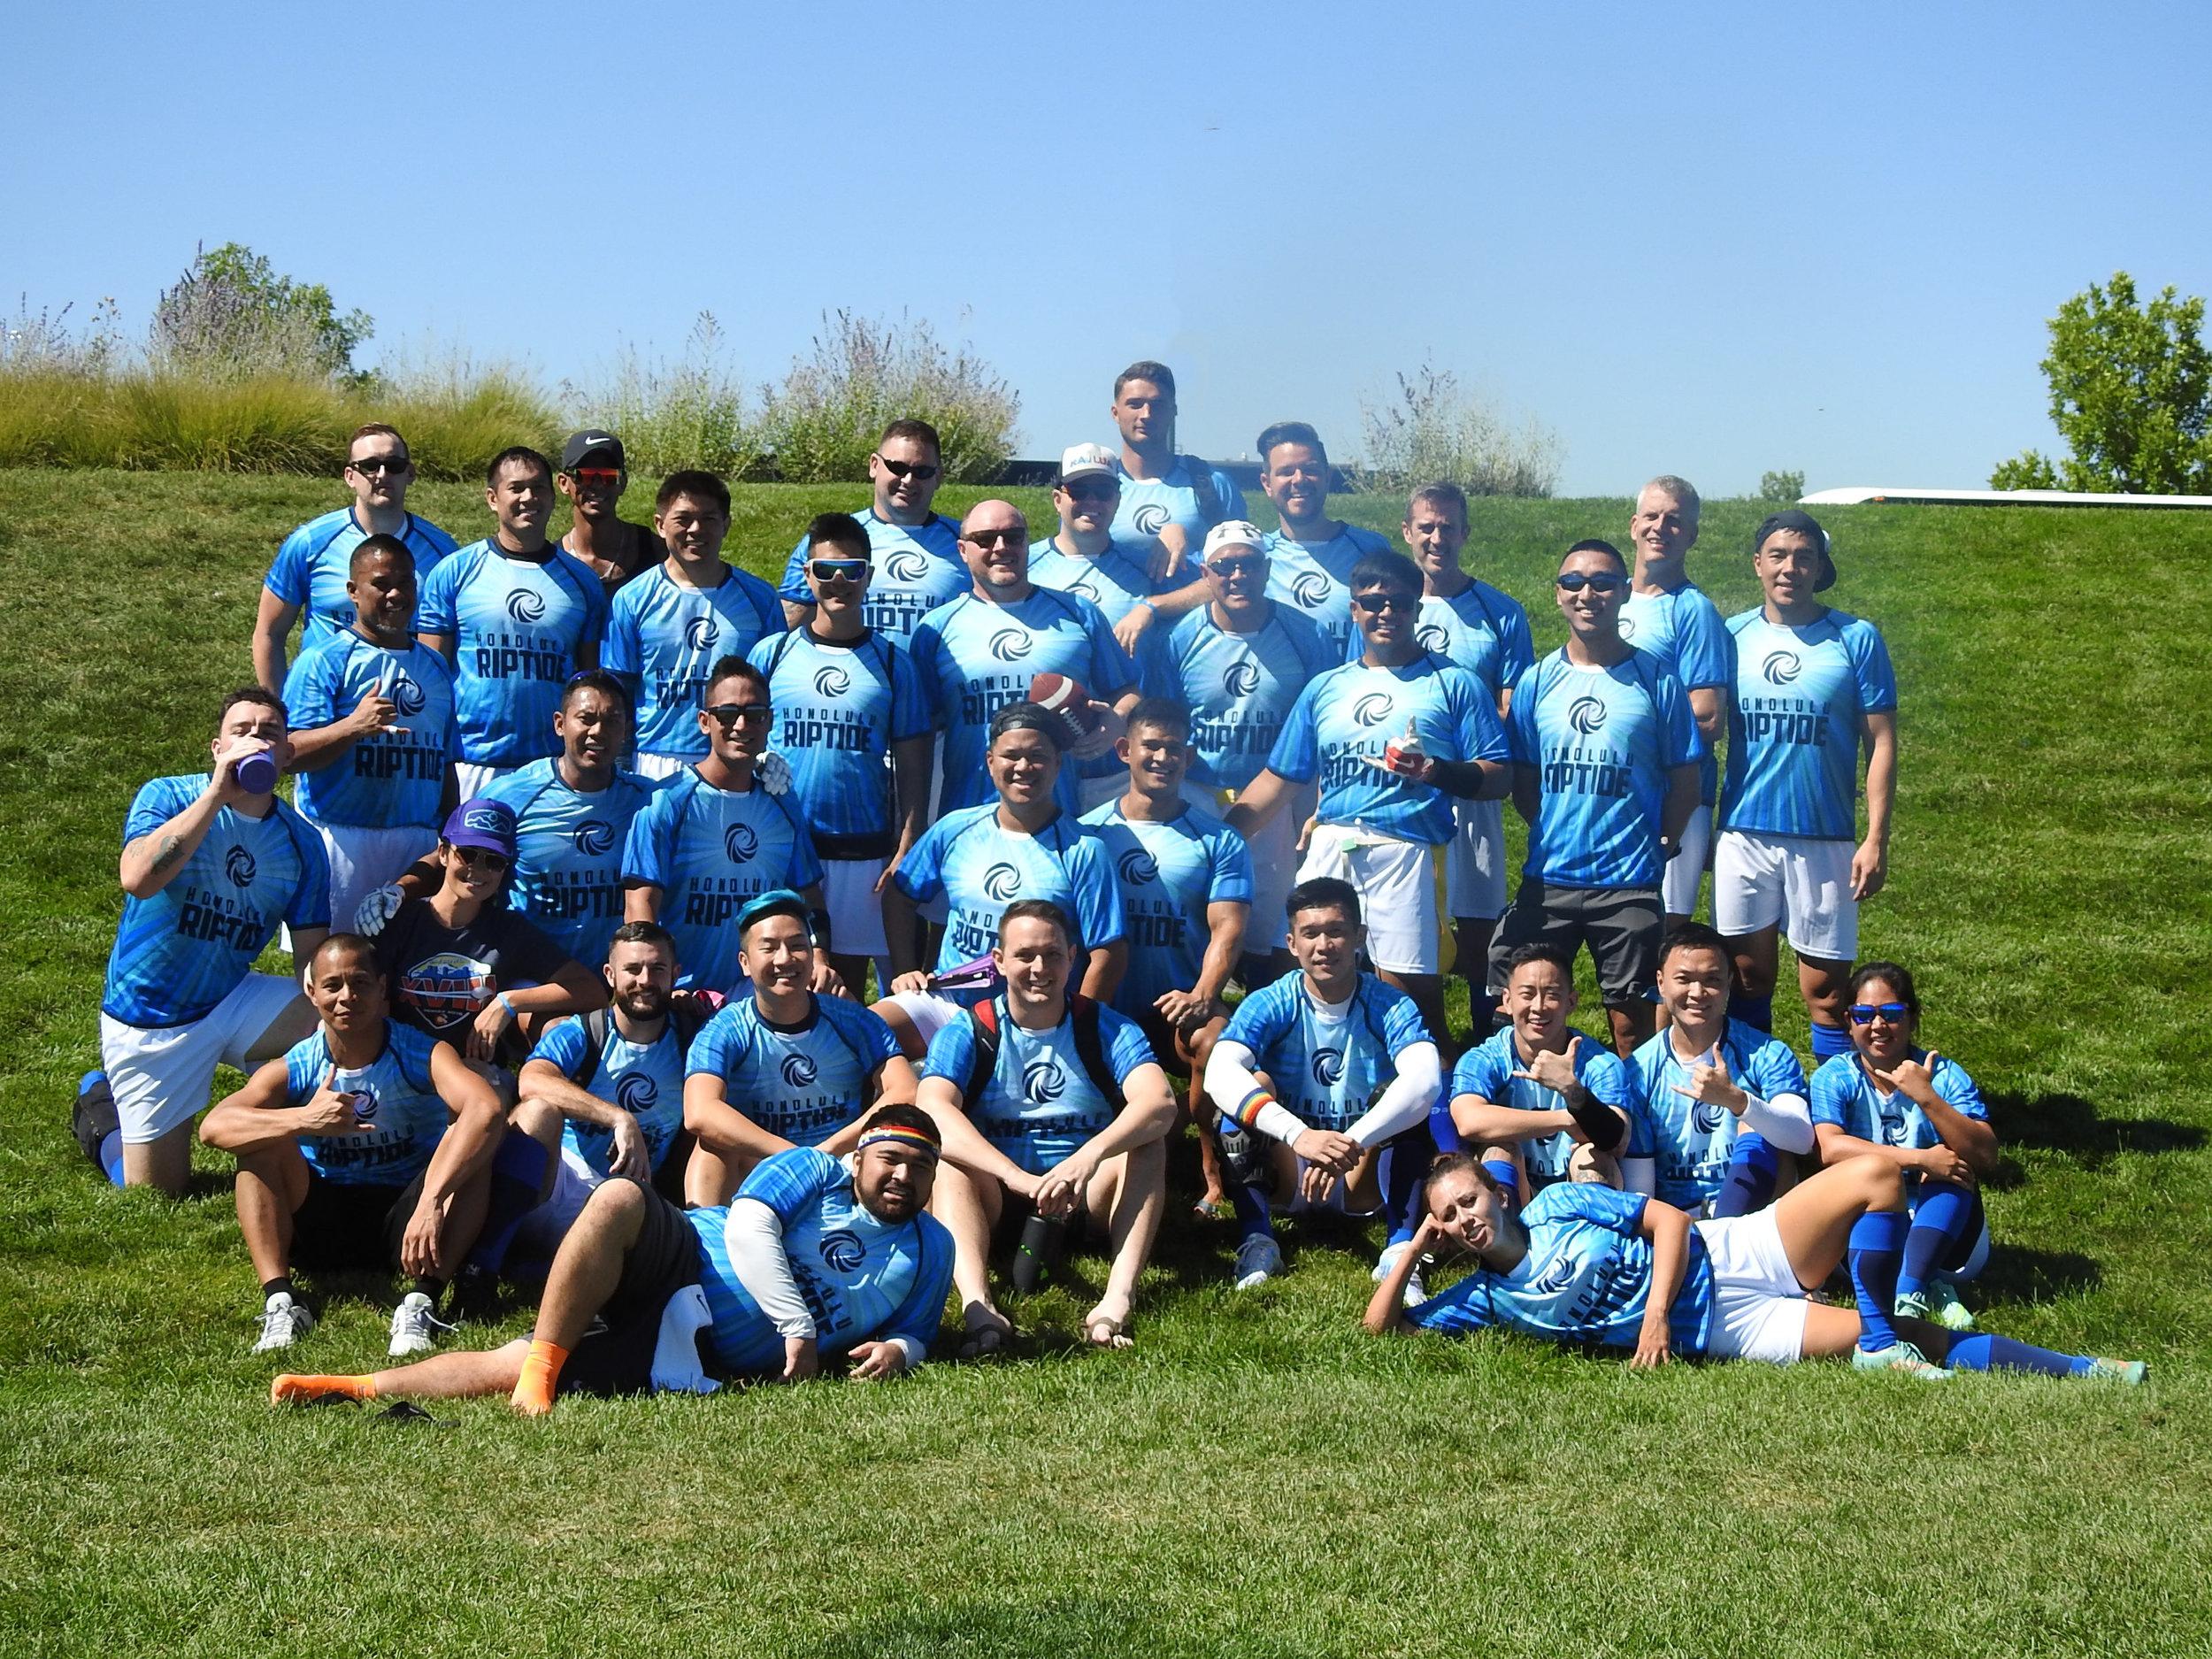 The 2018 Honolulu Riptide teams.